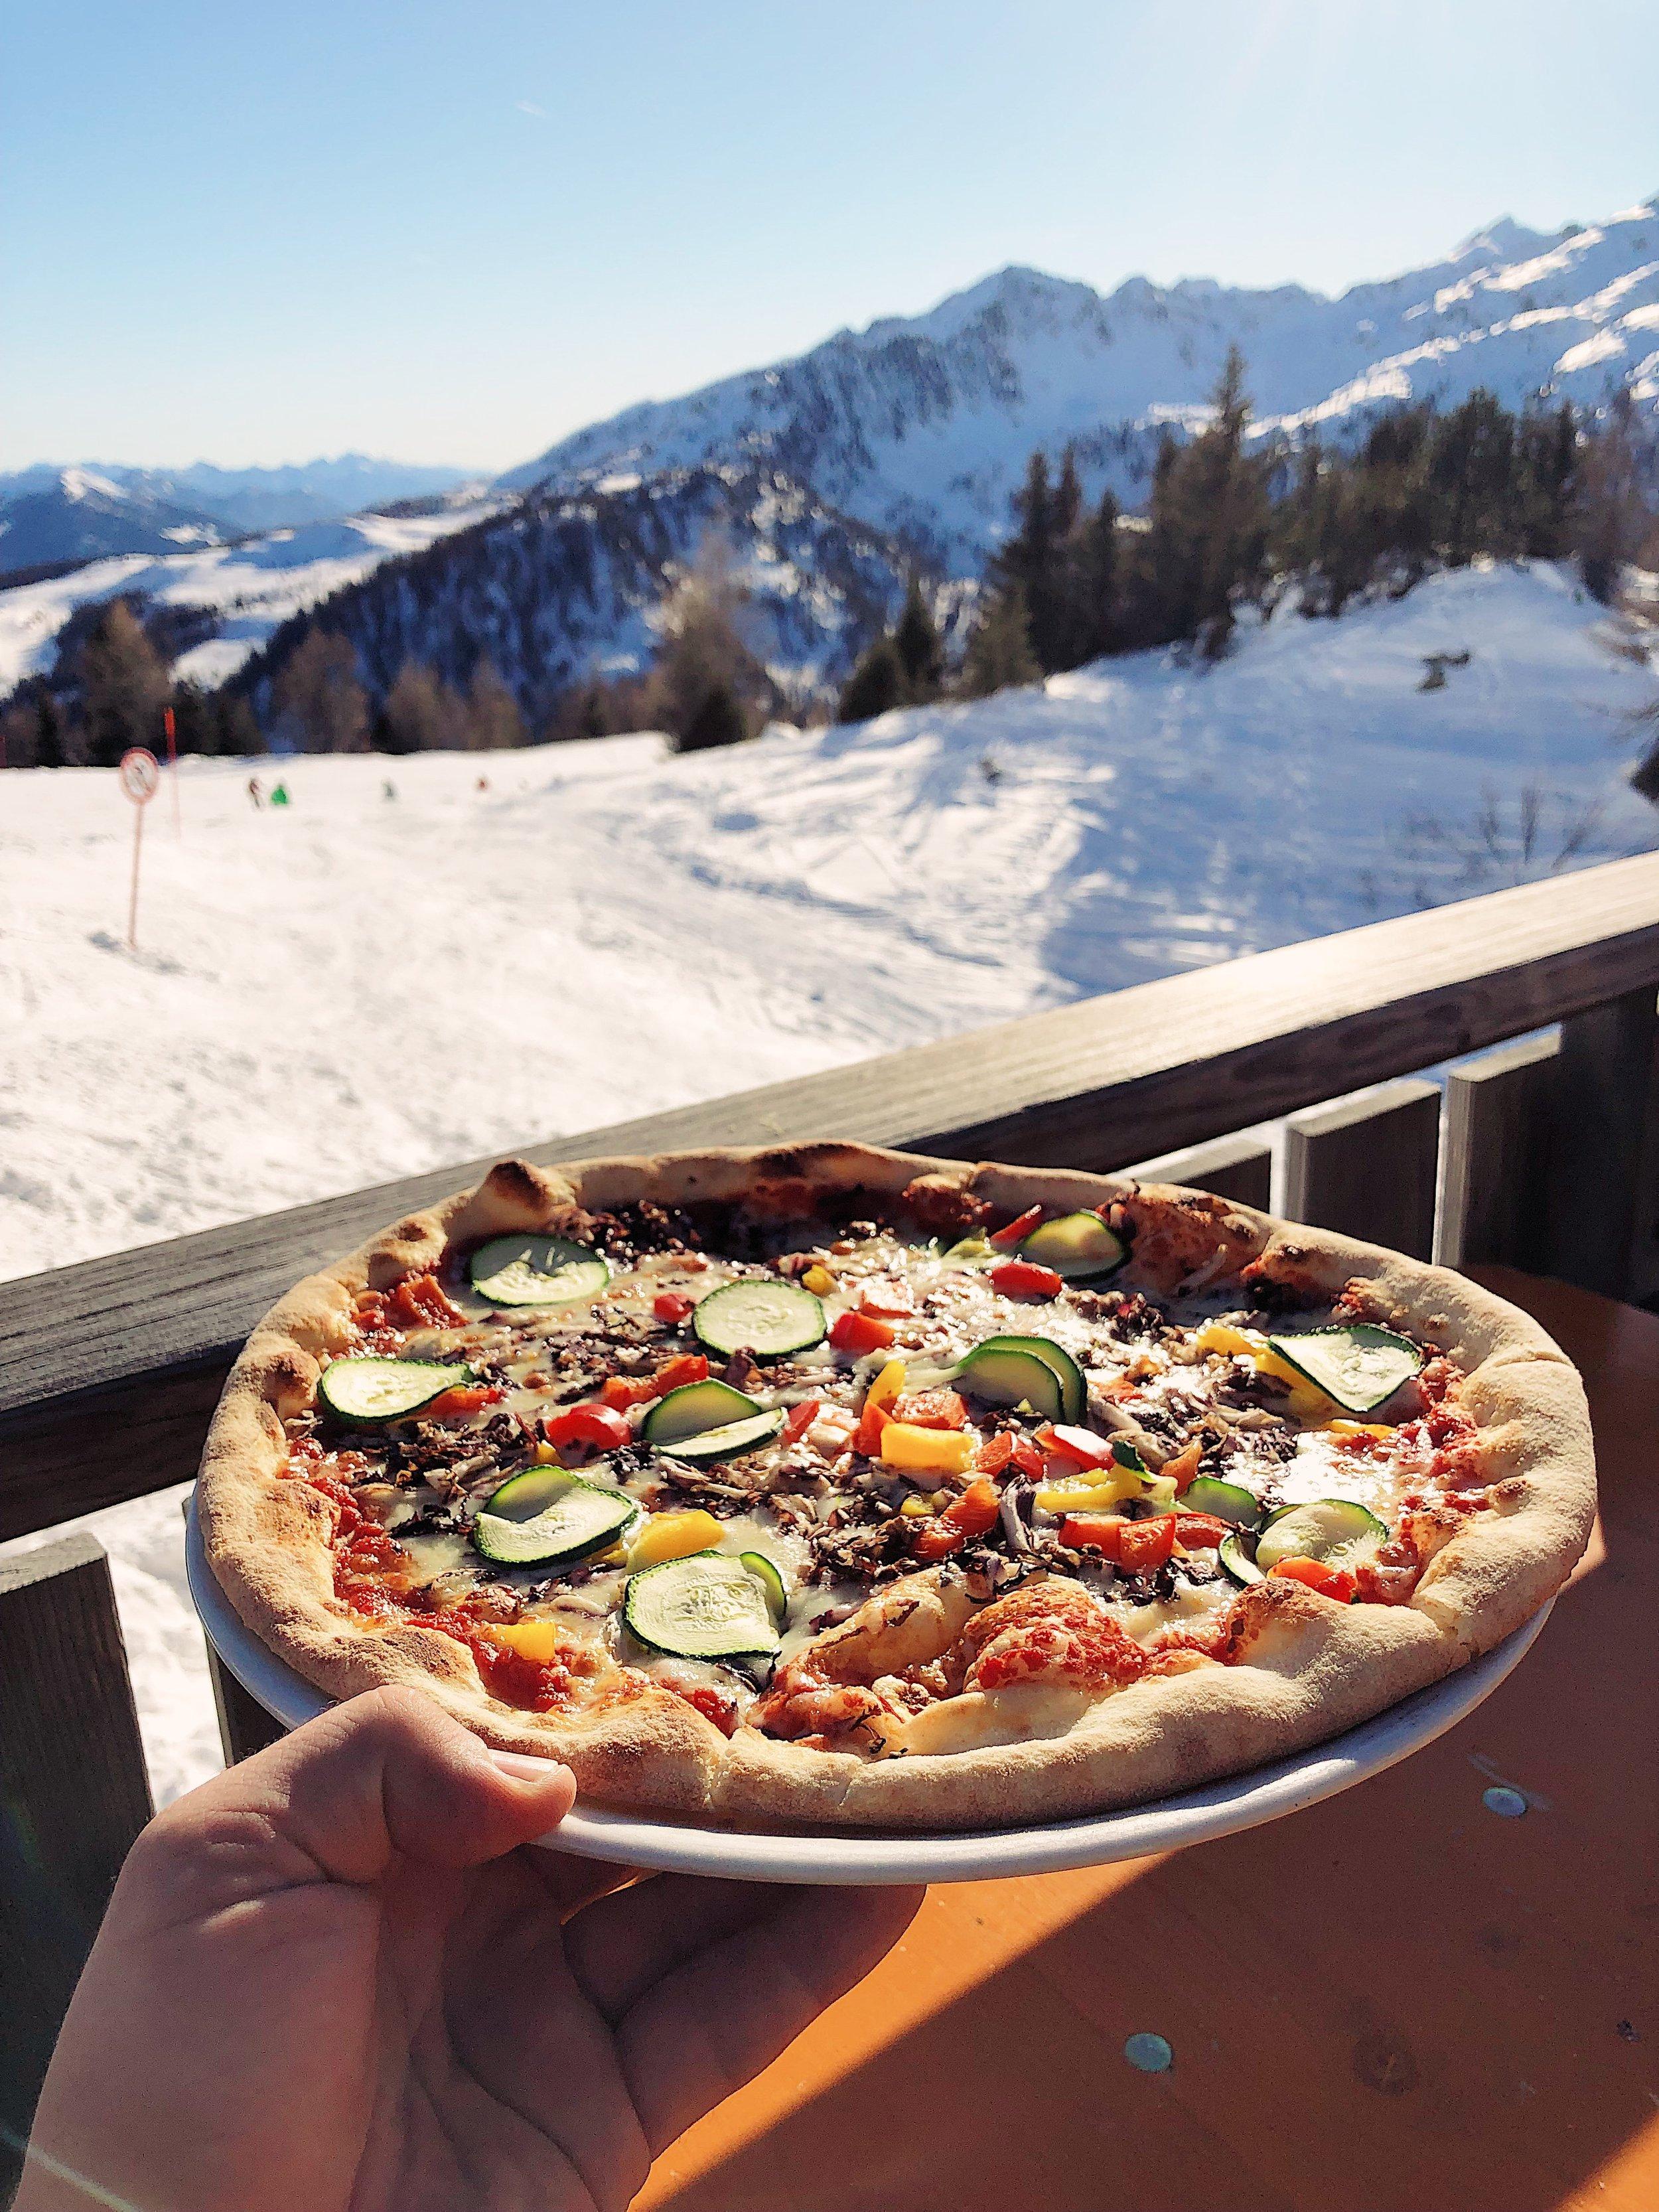 Ciężko na włoskim stoku trzymać dietę.